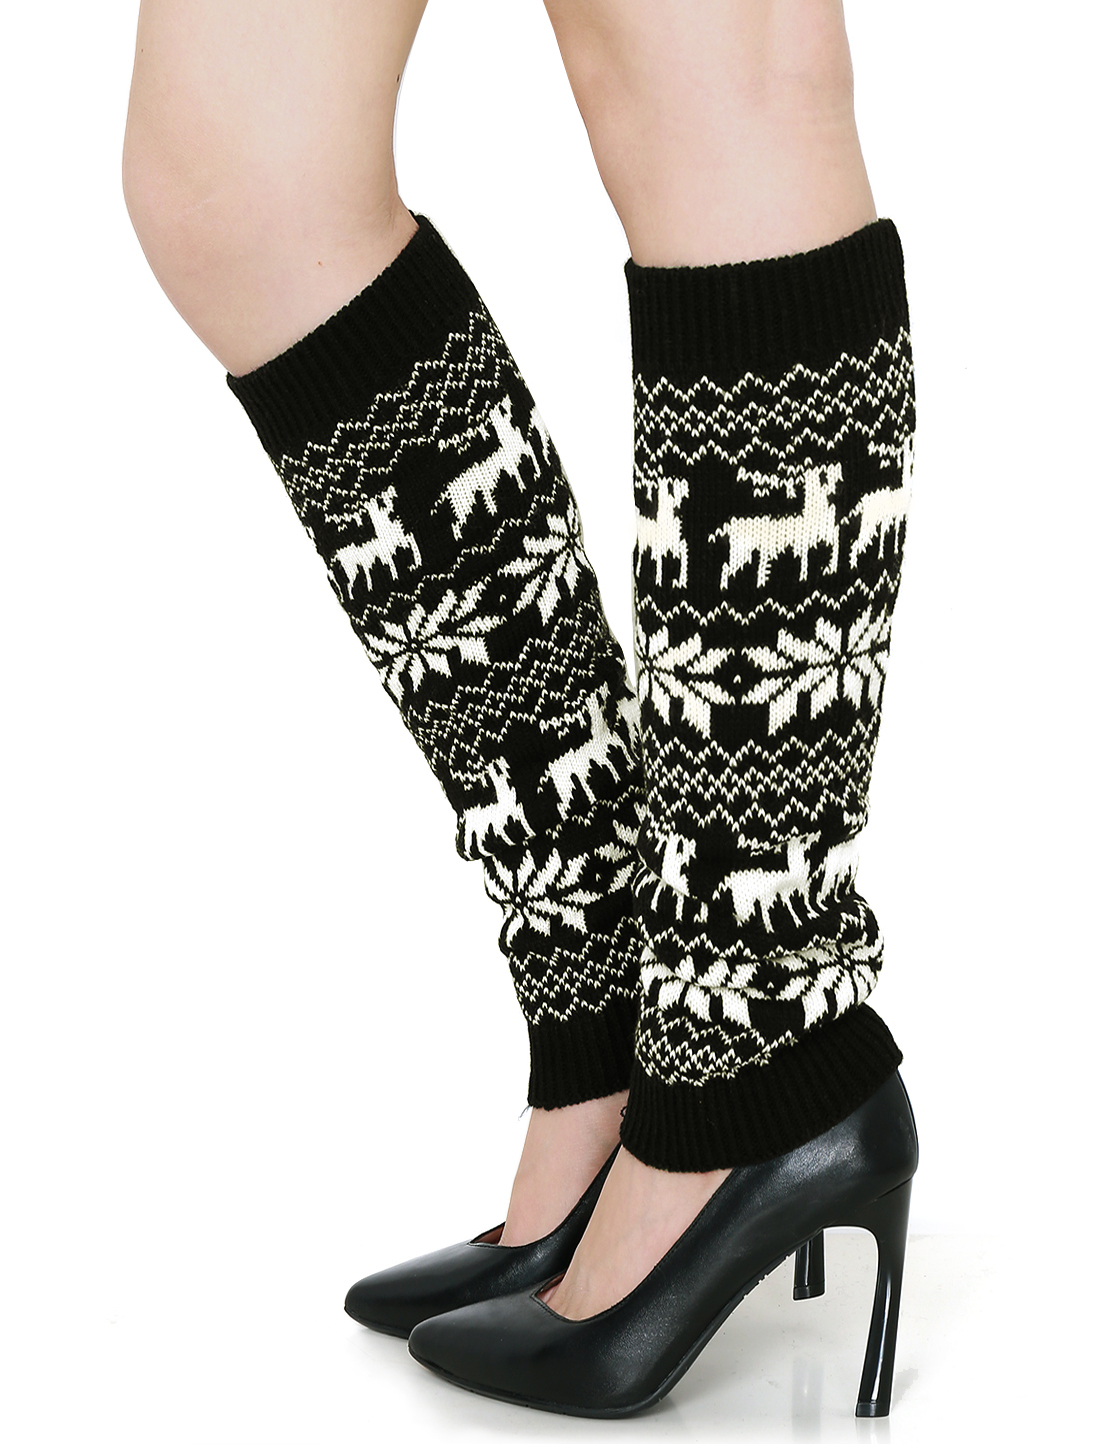 Women Snowflake Deers Pattern Elastic Knit Toeless Long Socks Pair Black White